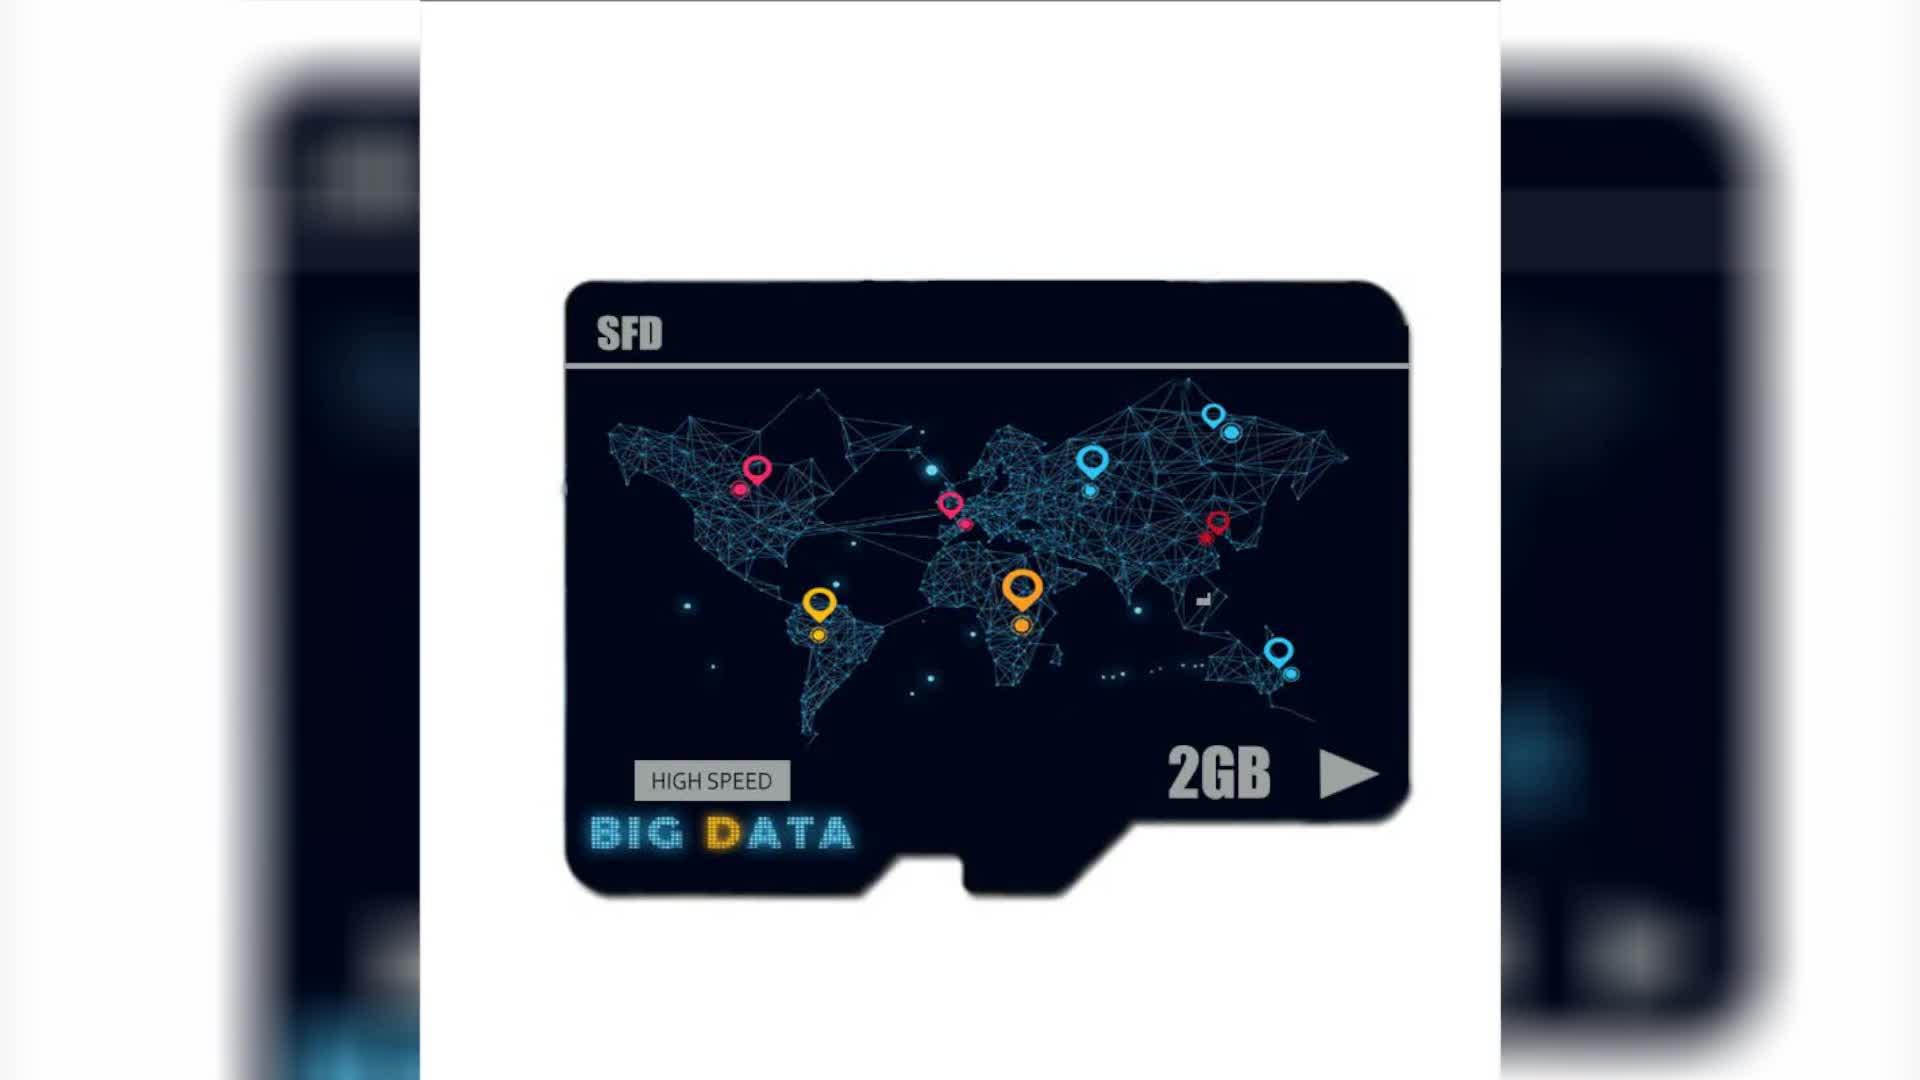 工場カスタマイズされたロゴ高速クラス 10 メモリ 16 ギガバイト 32 ギガバイト 64 ギガバイト 128 ギガバイトの sd カード TF カード、